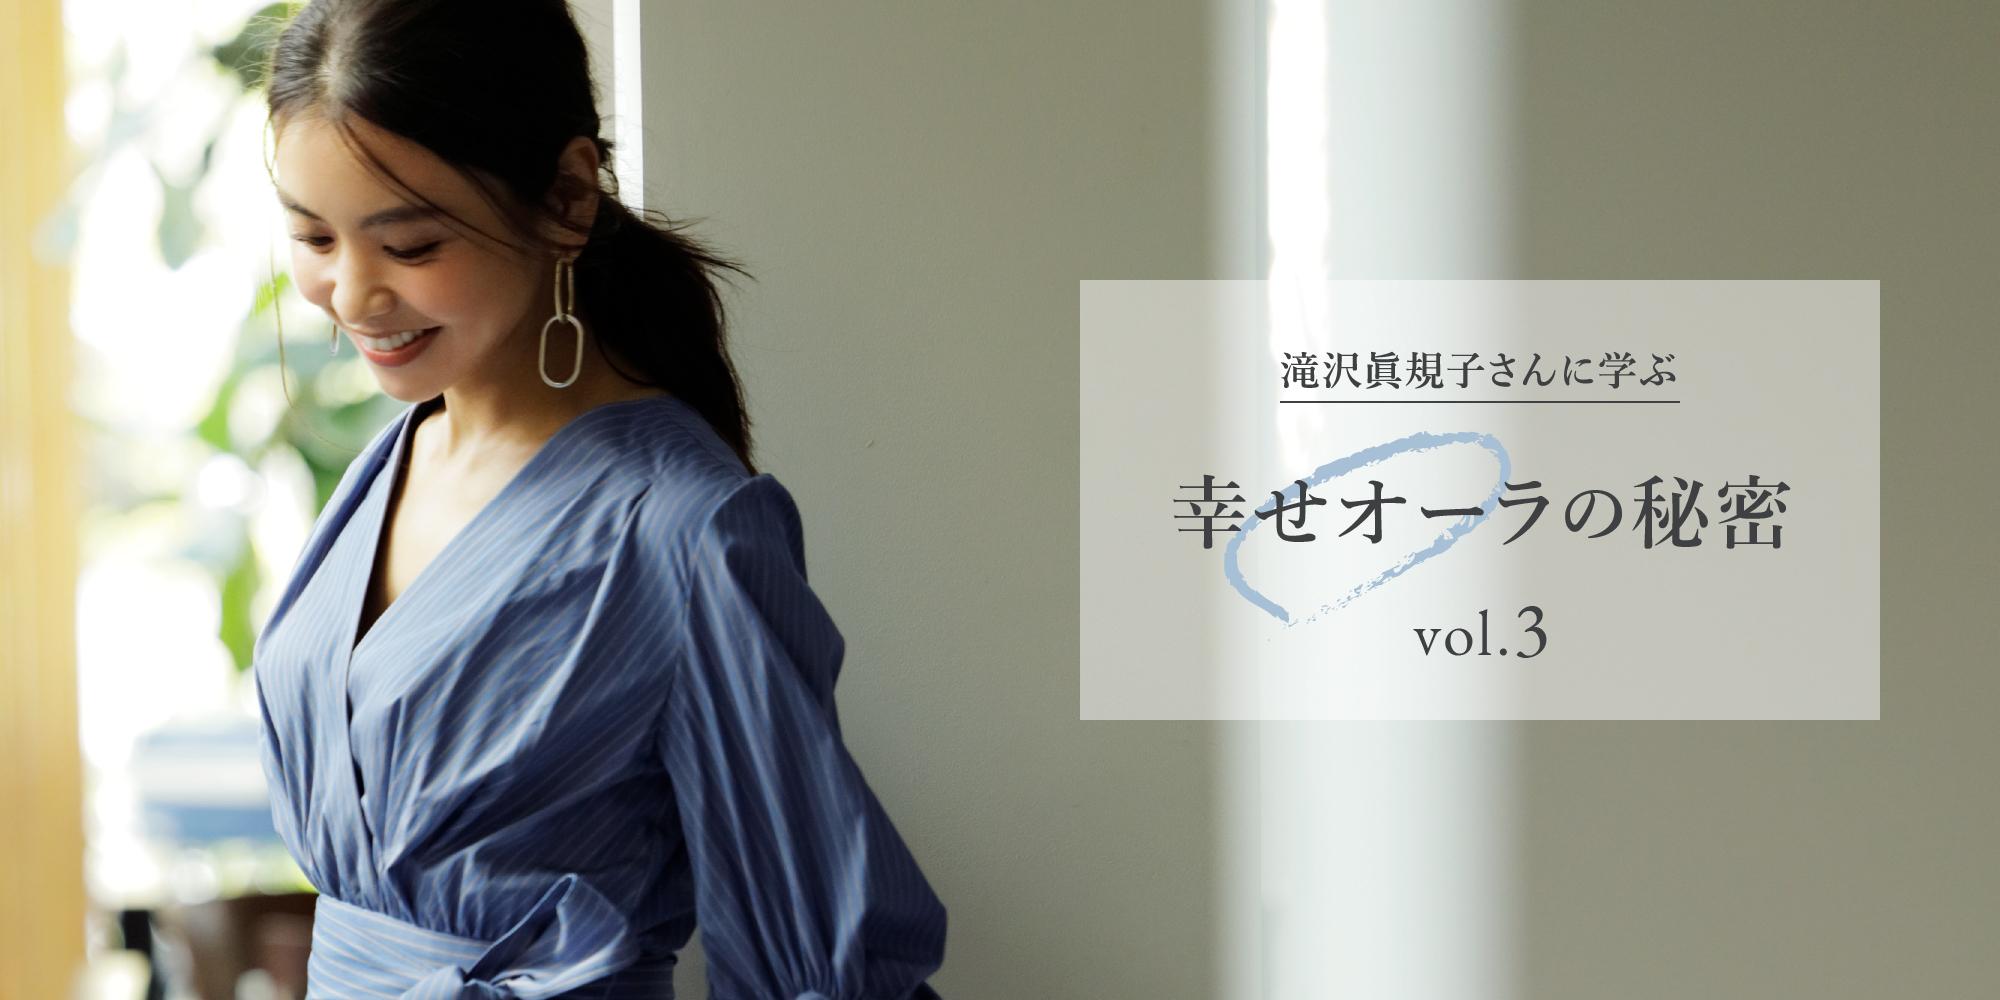 滝沢眞規子さんに学ぶ 幸せオーラの秘密 vol.1